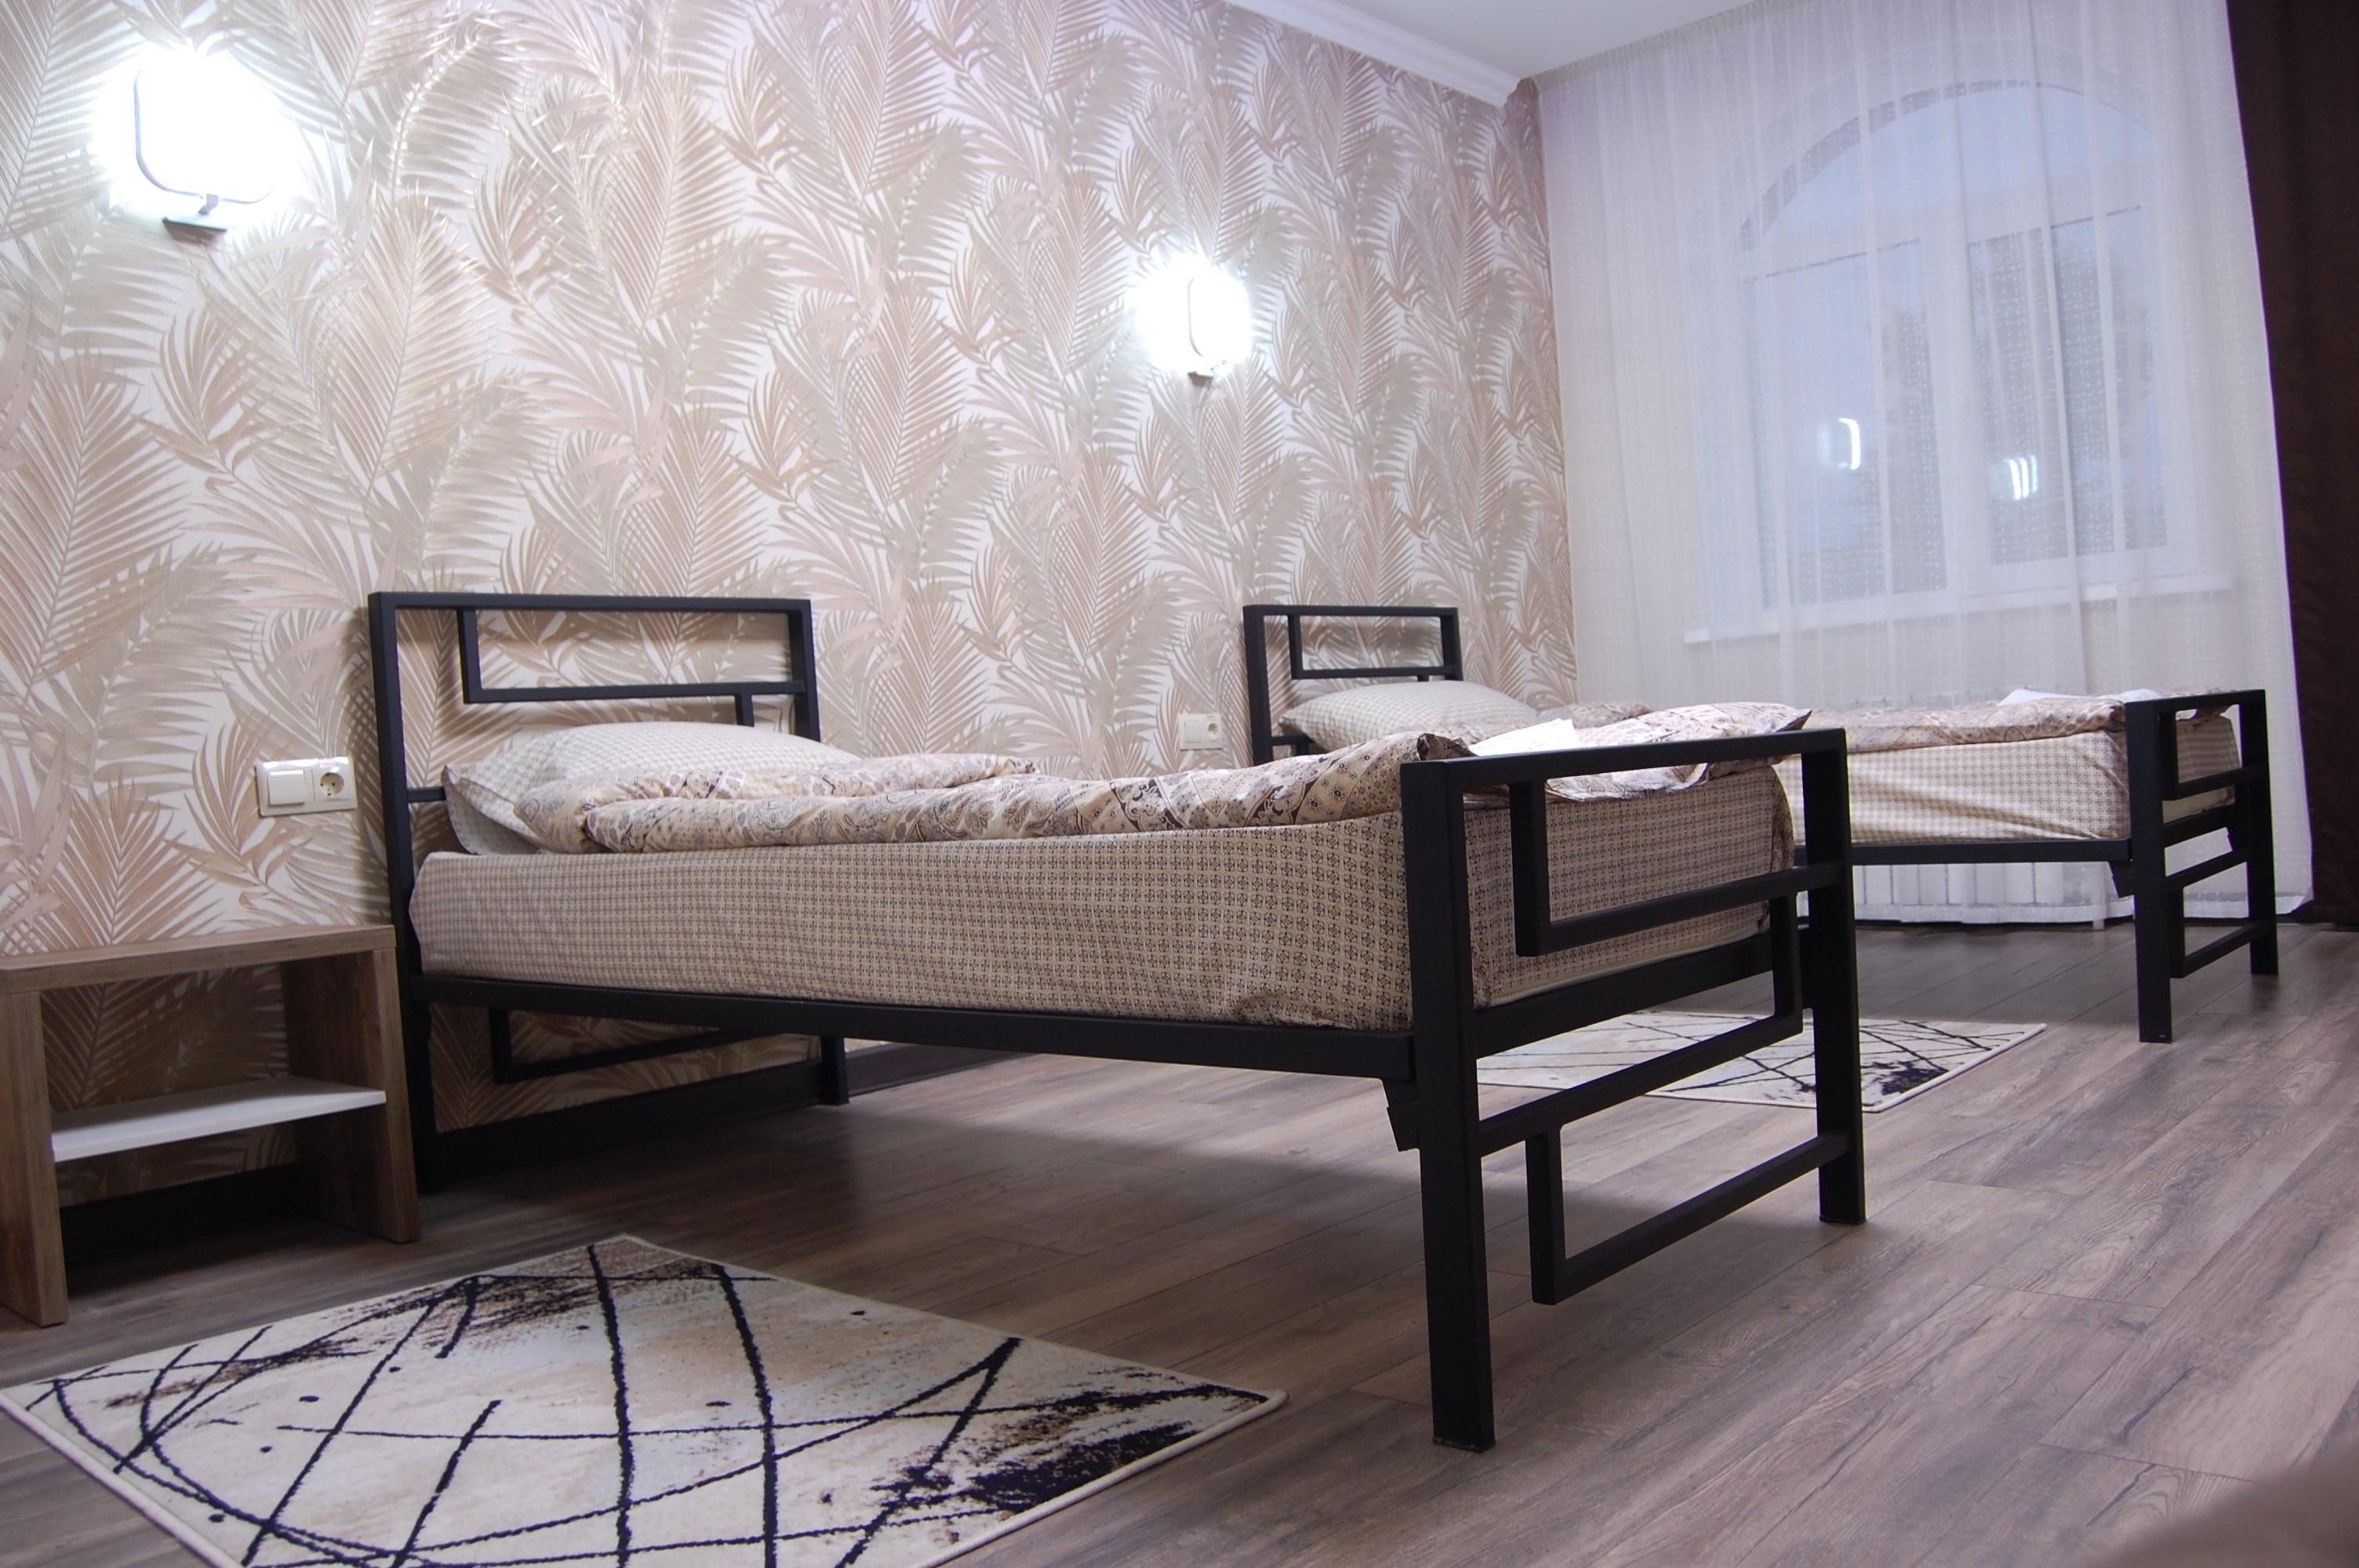 Гоньбинские бани, гостинично-банный комплекс - №4